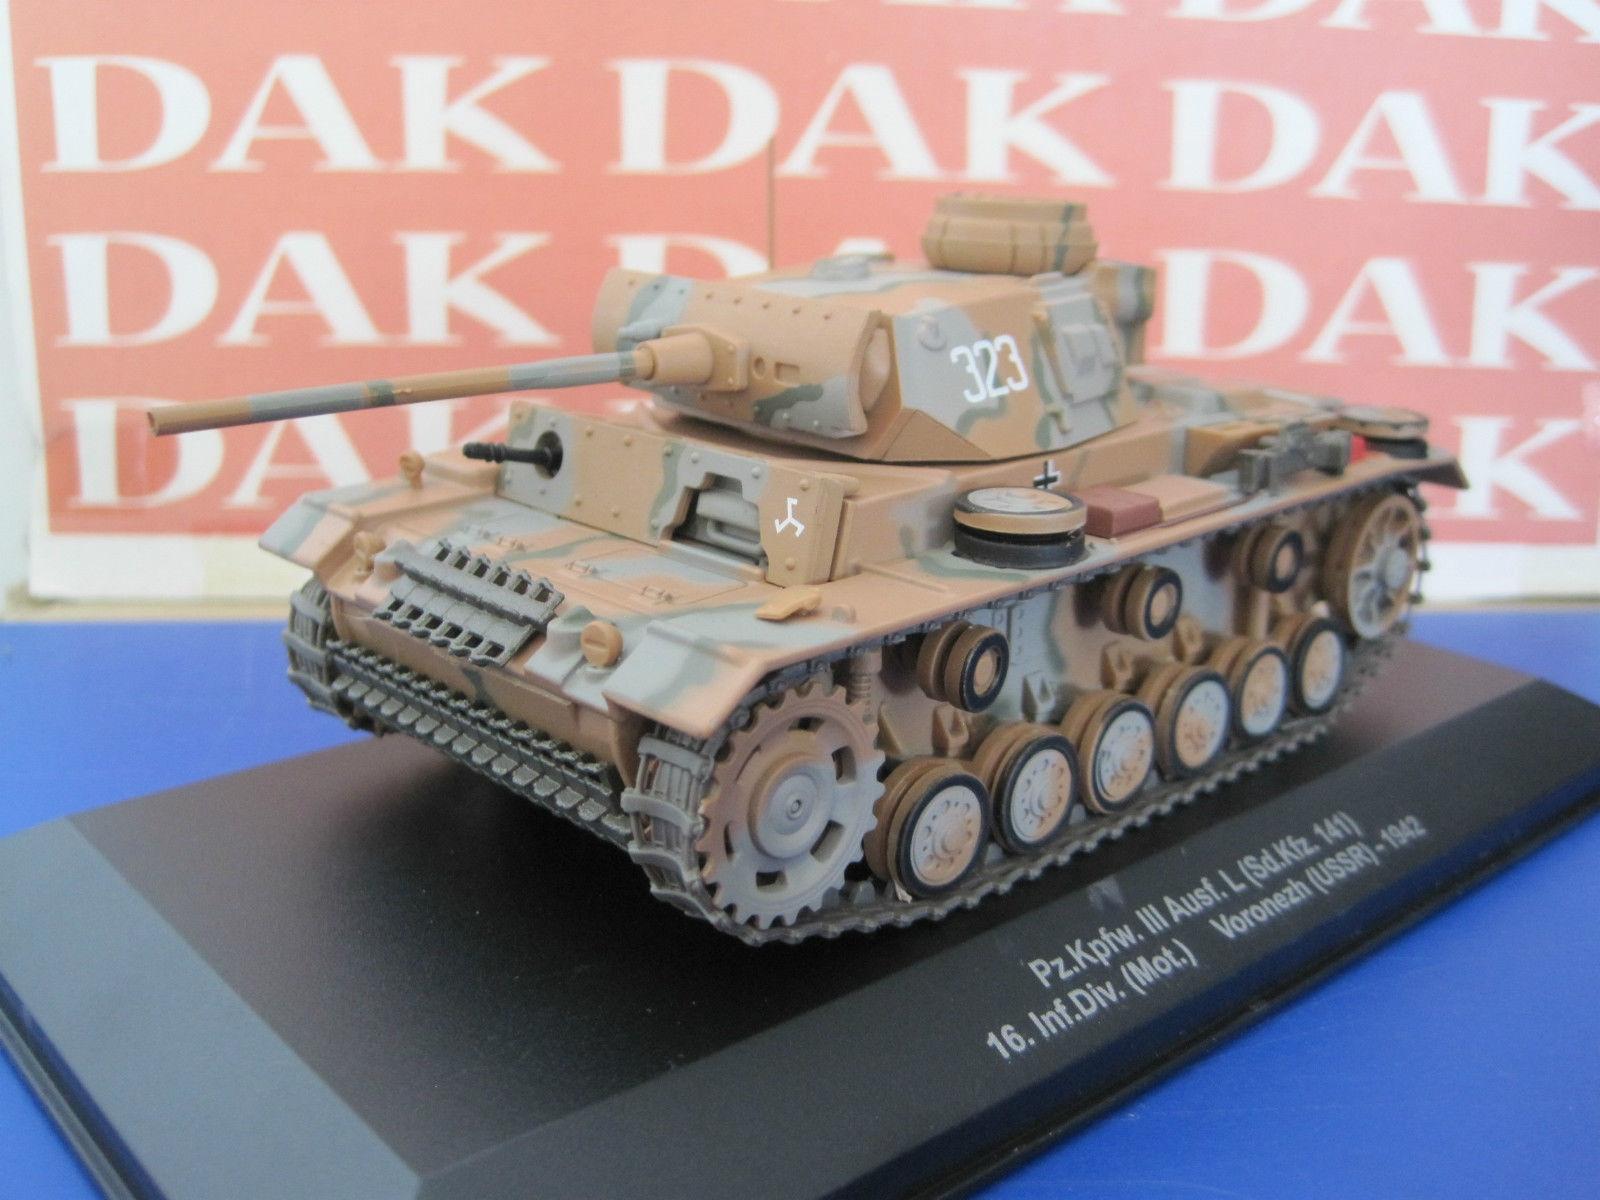 Diecast 1//72 Modellino Carro Armato Tank Pz.Kpfw.III Ausf.L Sd.Kfz. 141-1 USSR